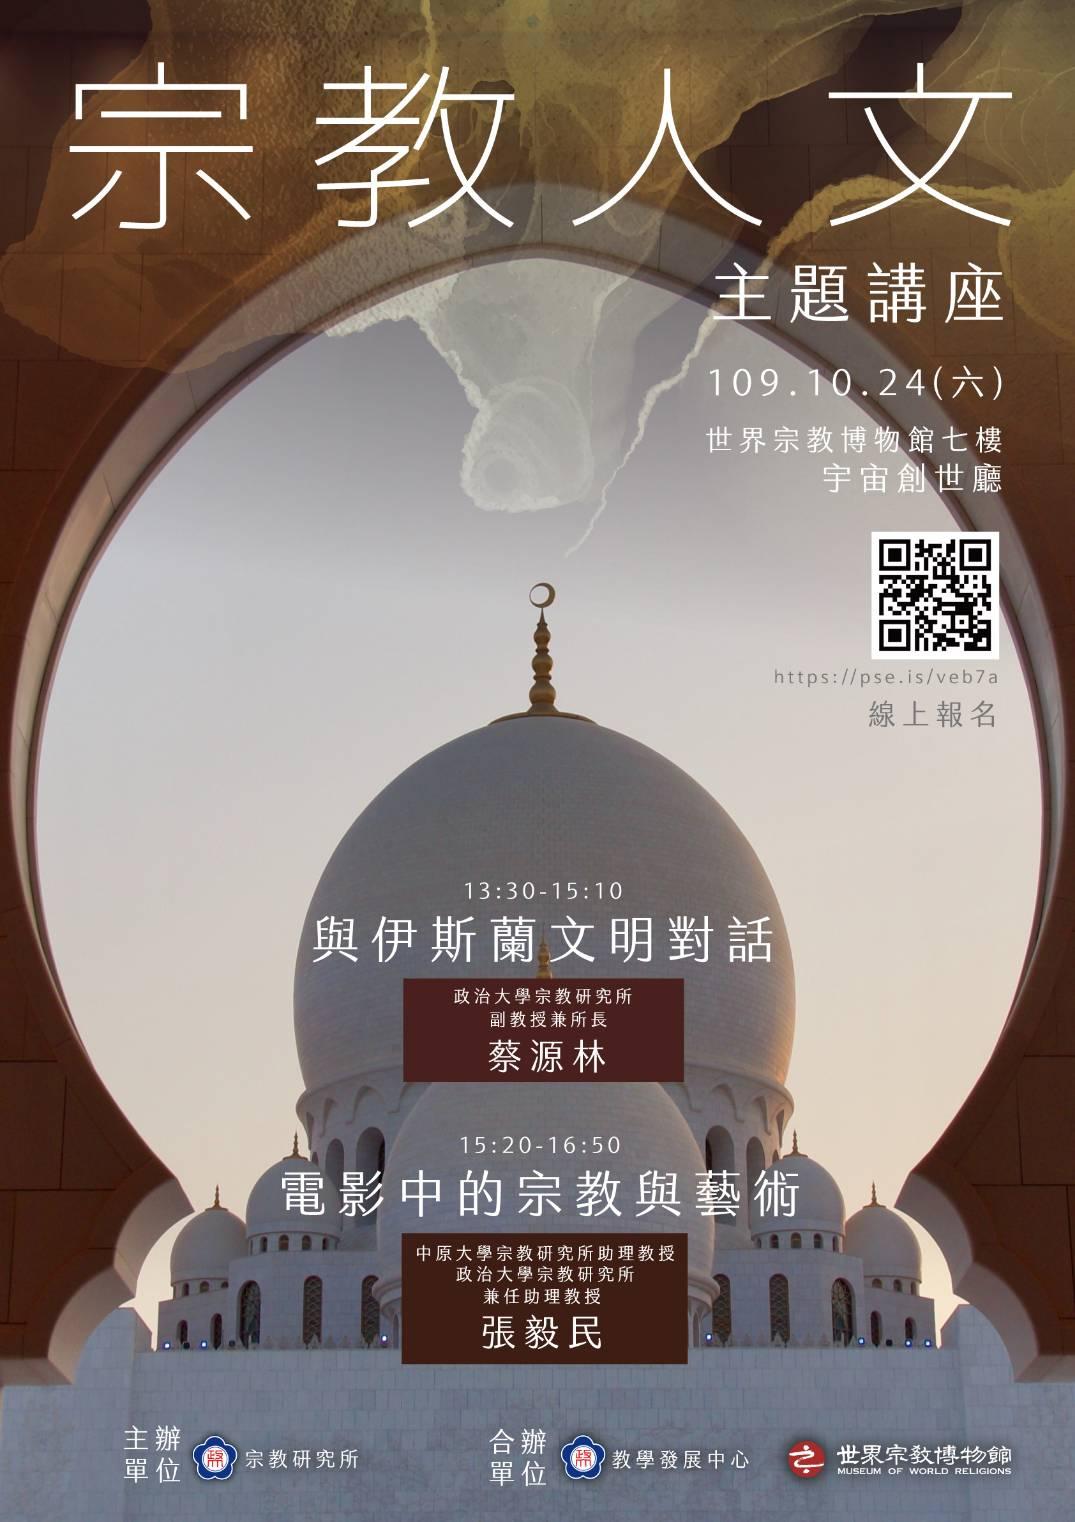 世界宗教博物館:2020/10/24【宗教人文主題講座】